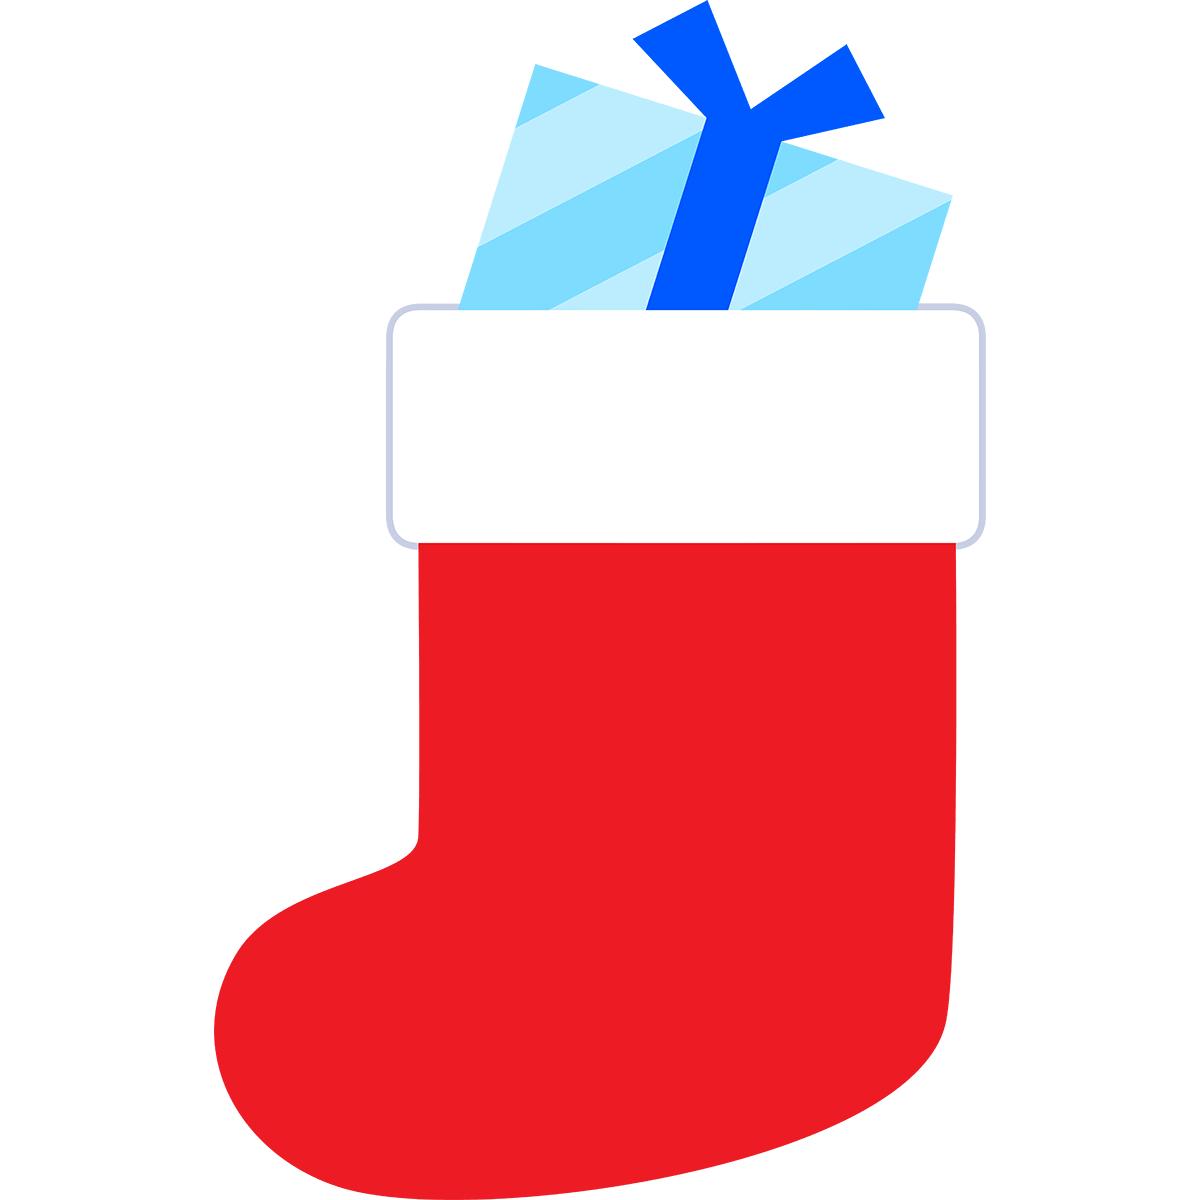 クリスマス靴下(プレゼント)の無料イラスト